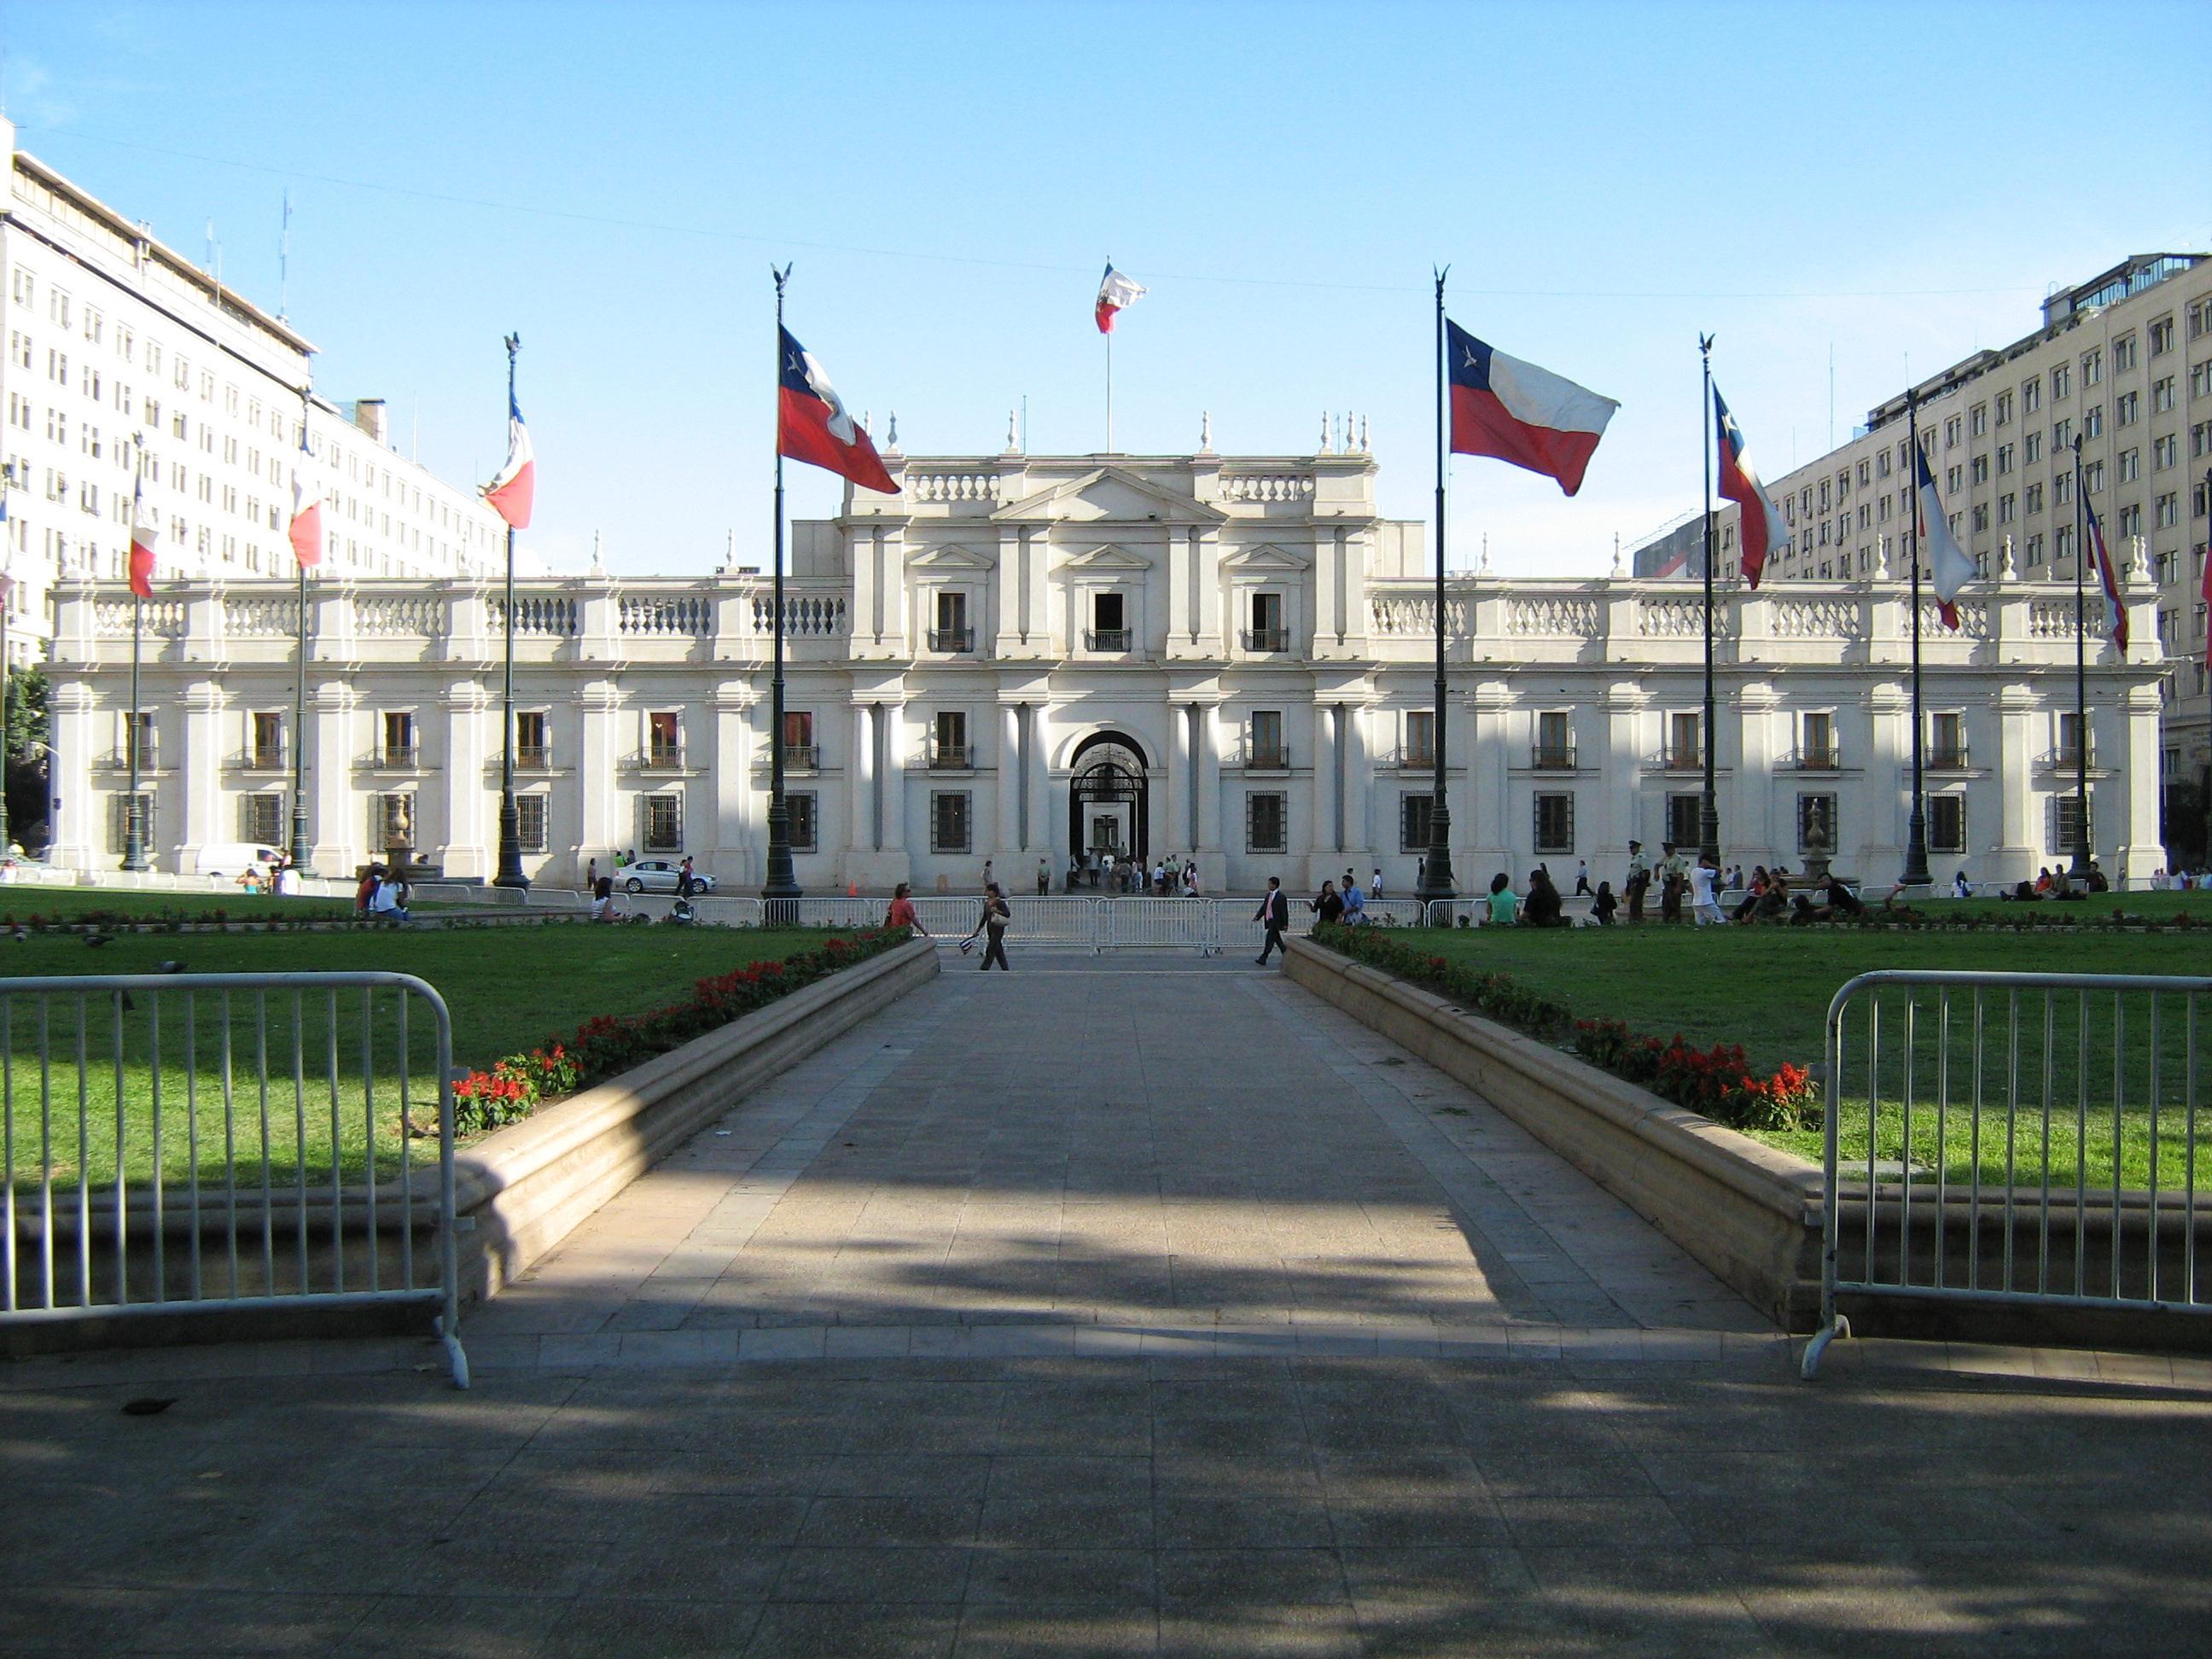 La_Moneda_Palace_Santiago_Chile